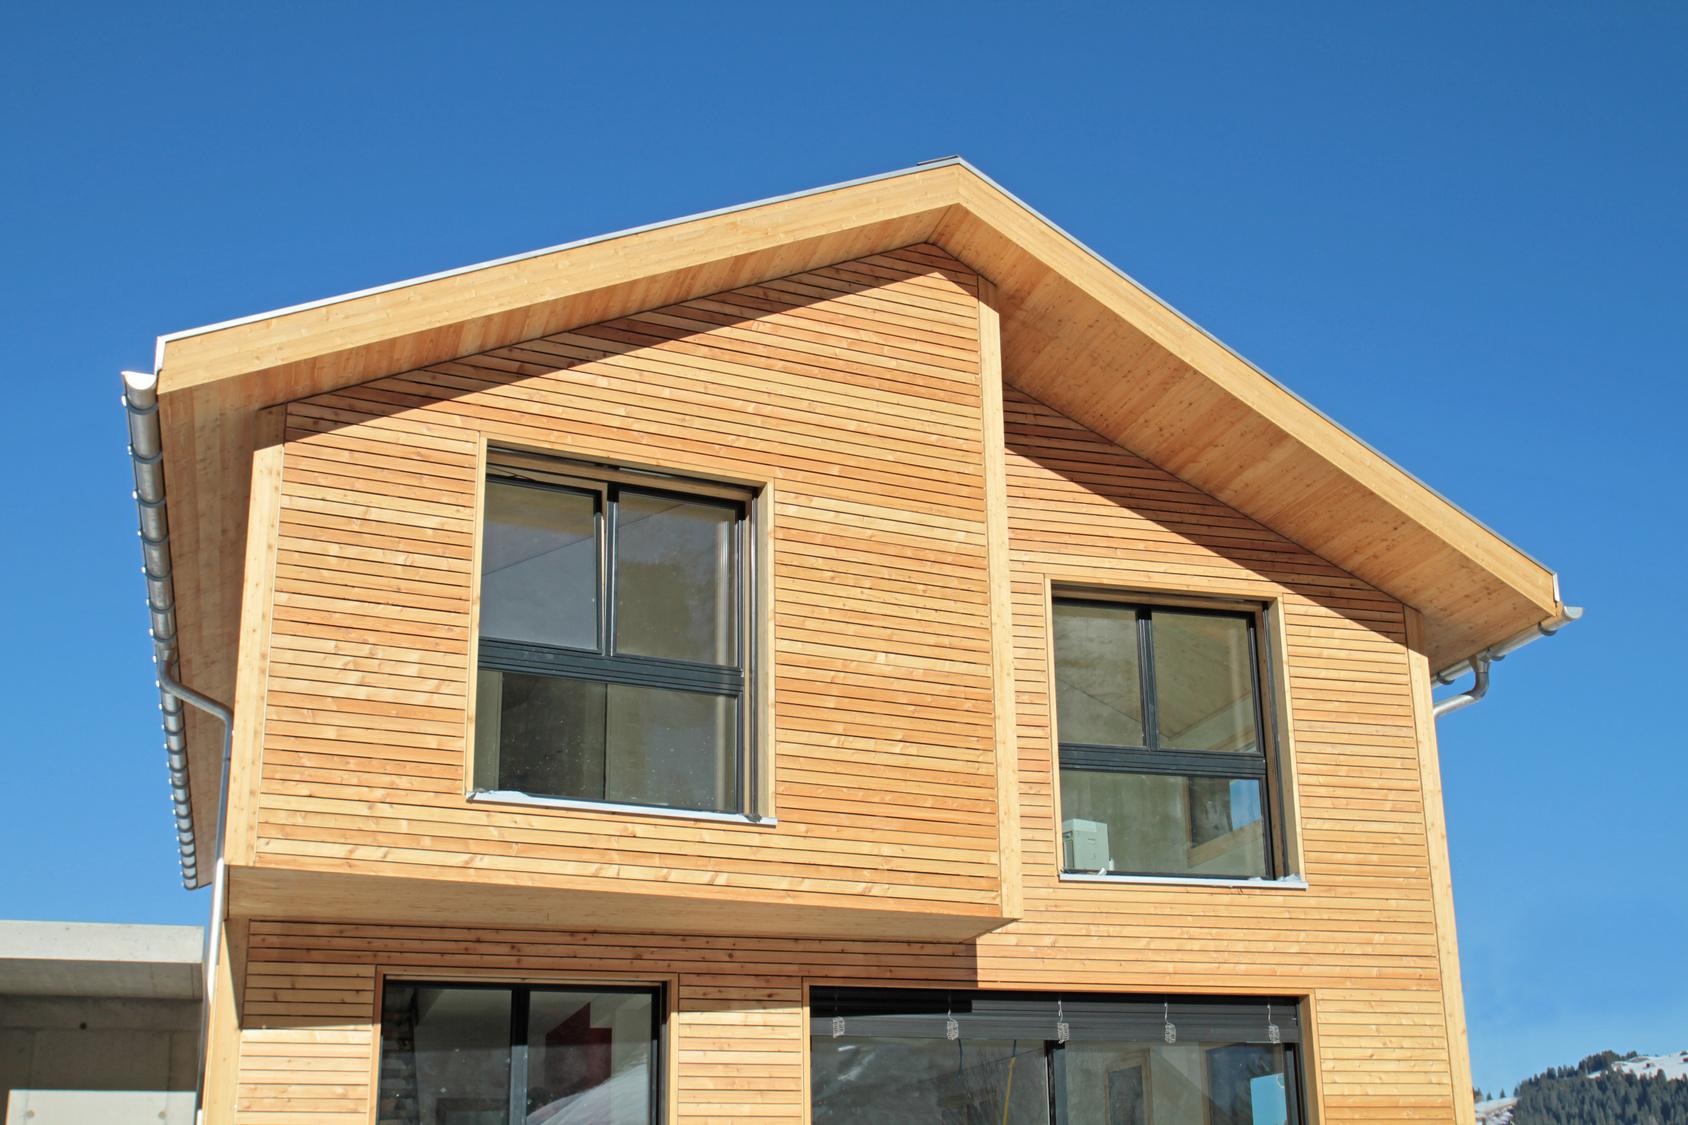 Casas prefabricadas madera tocar madera casas for Prefabricadas madera